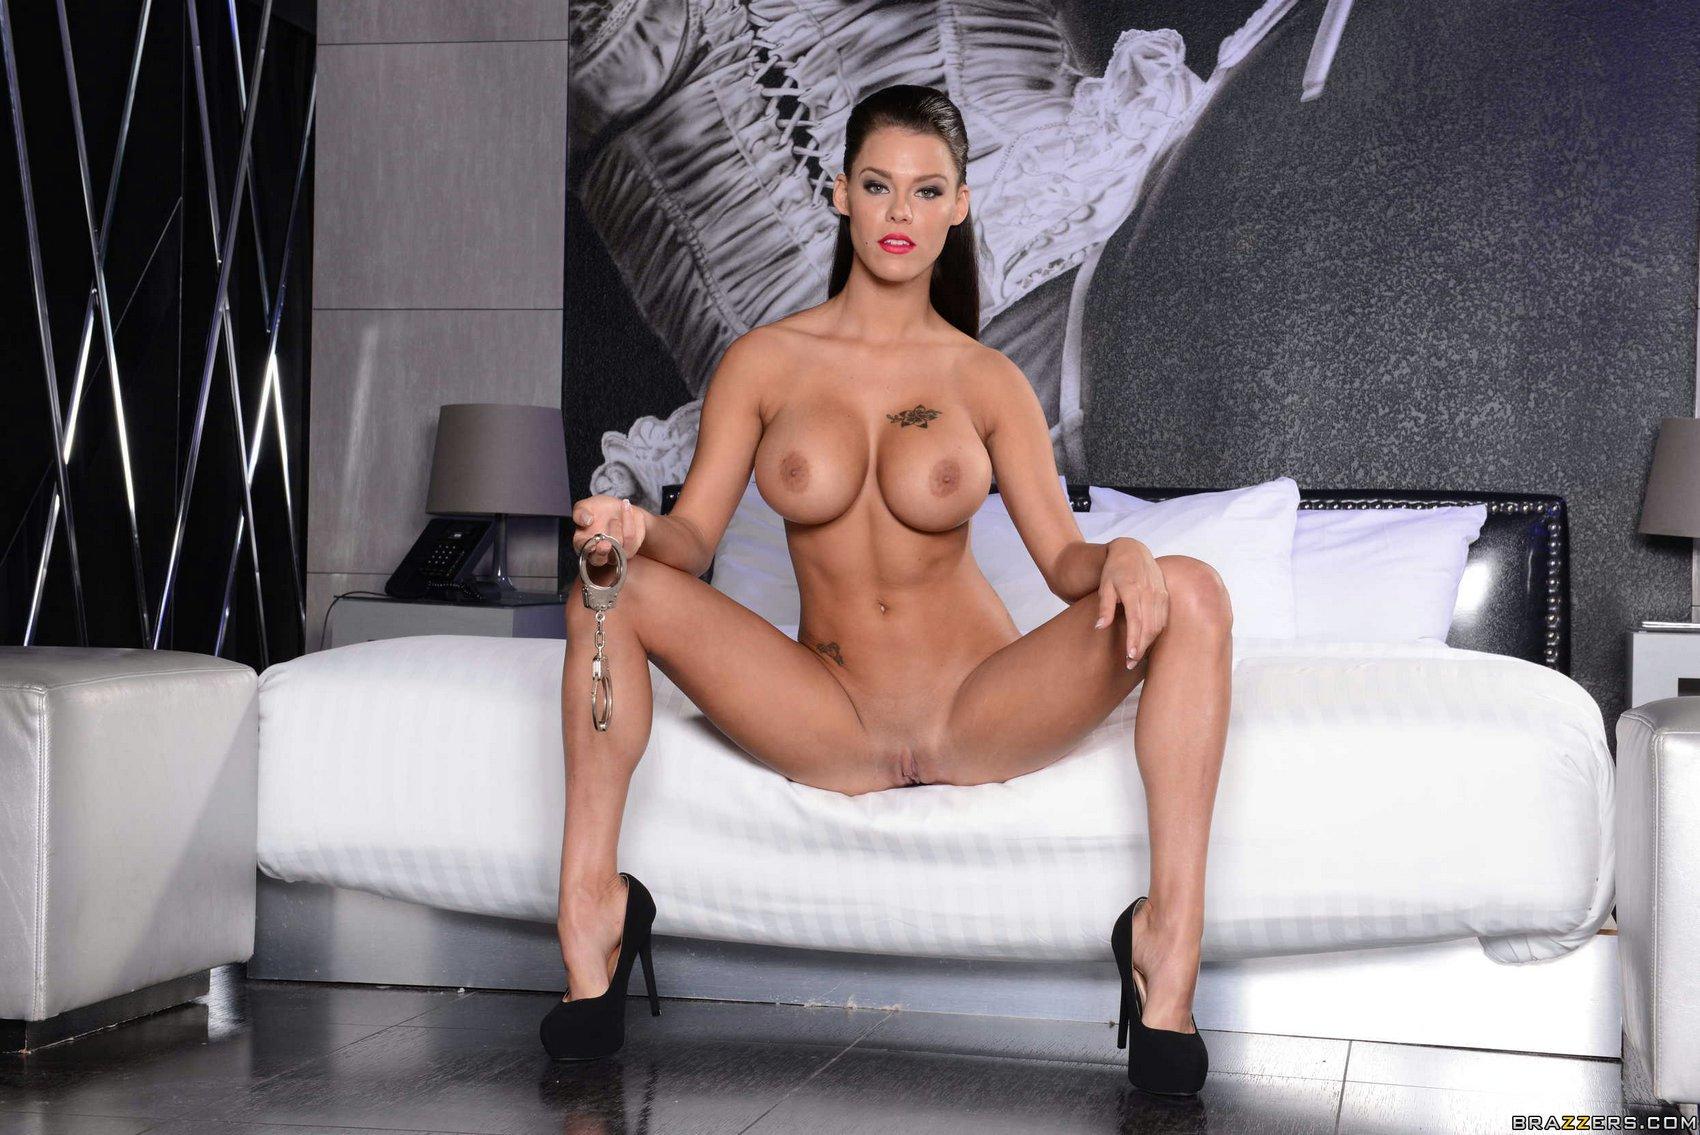 Peta Jensen in high heels showing off her perfect body.